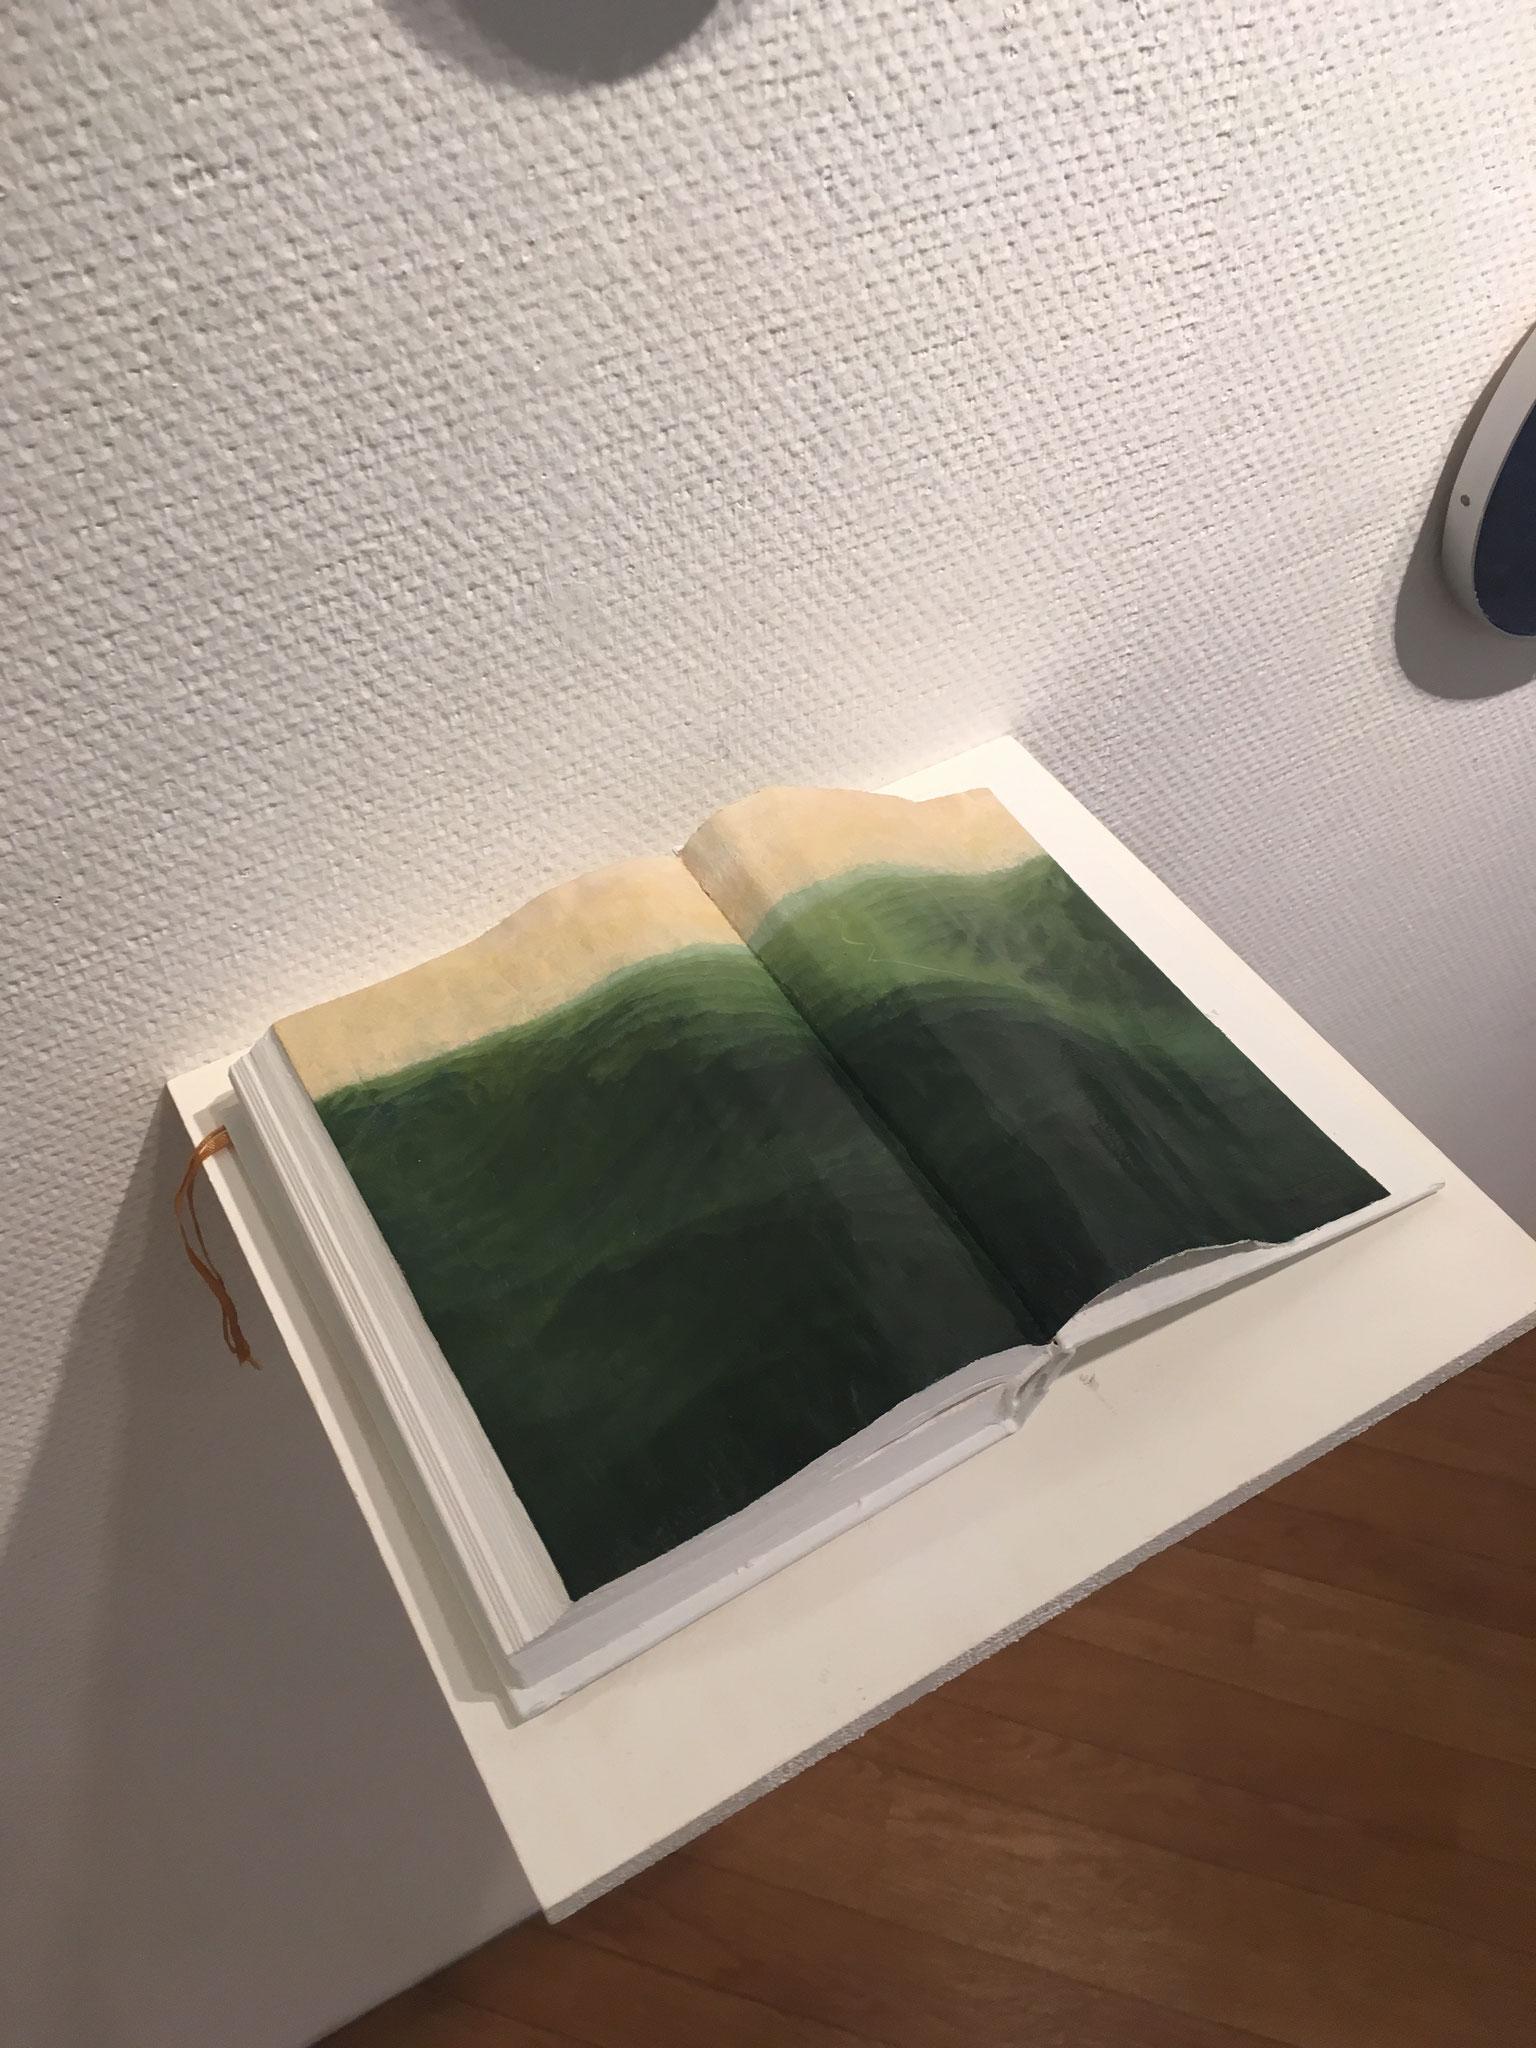 2018.07.02~07.07「変容する風景」@galerie shimon